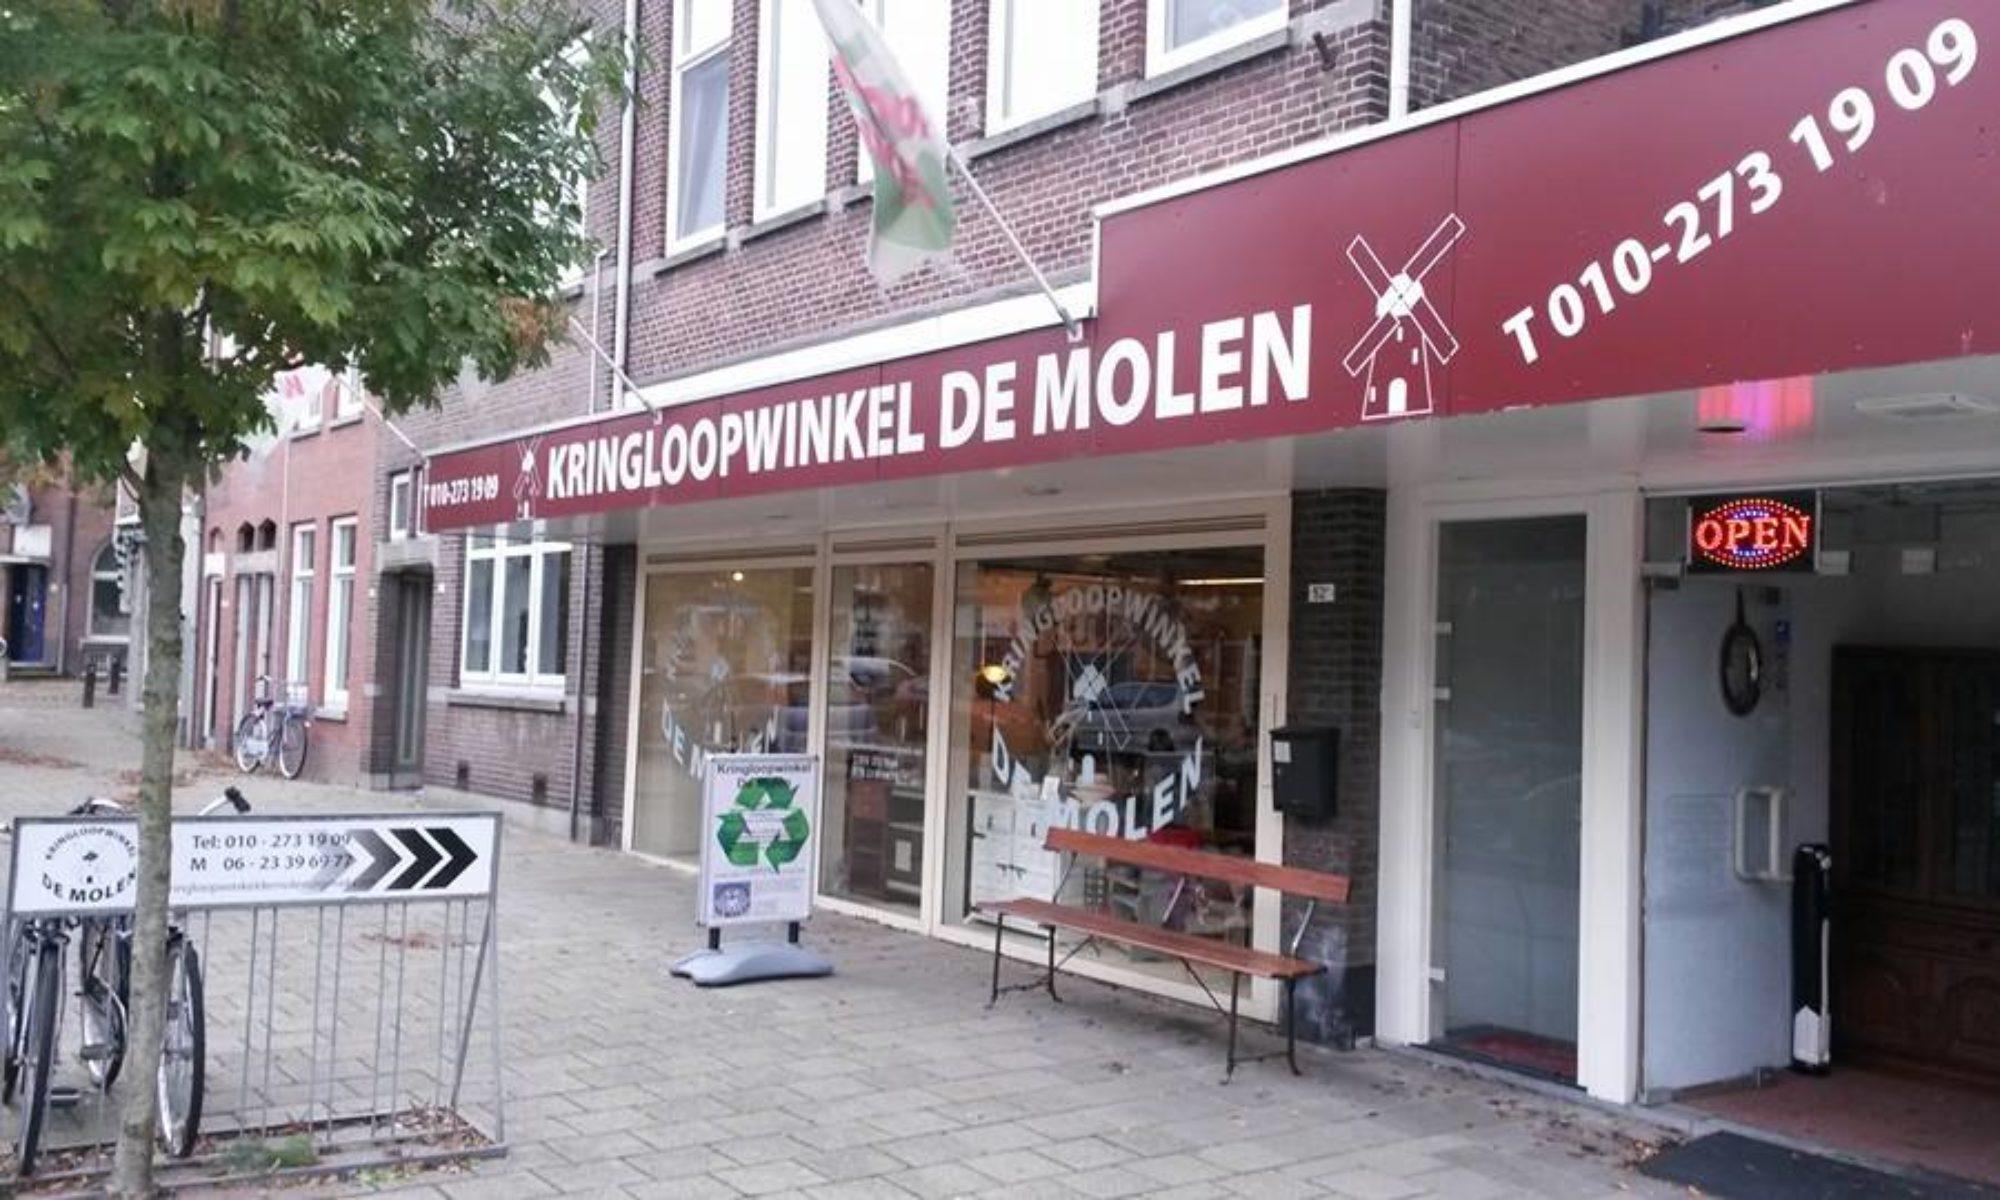 Kringloopwinkel De Molen